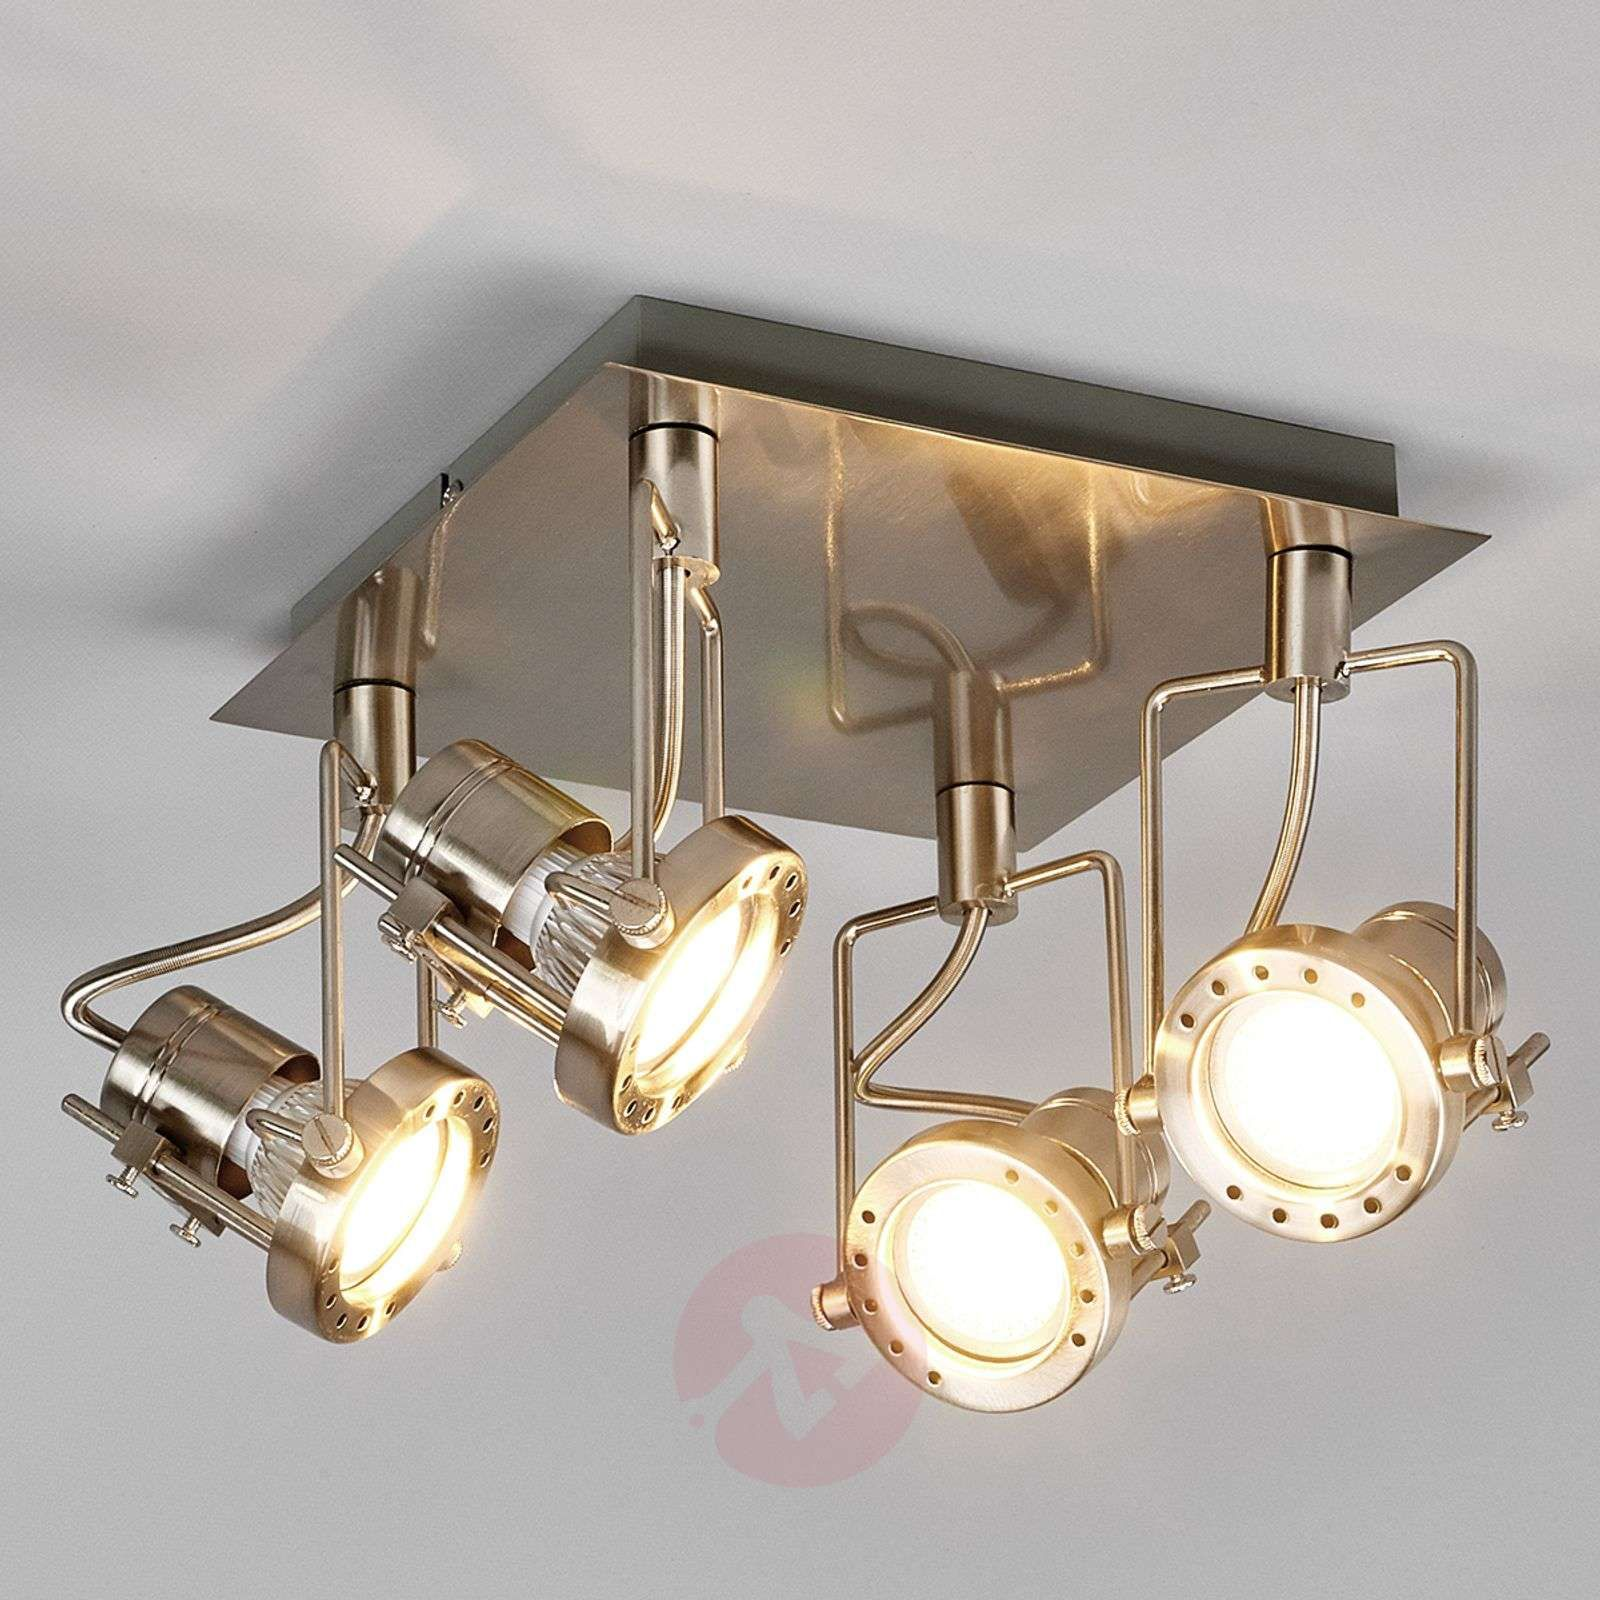 lampa wisząca do kuchni retro | sklep z oświetleniem poznań